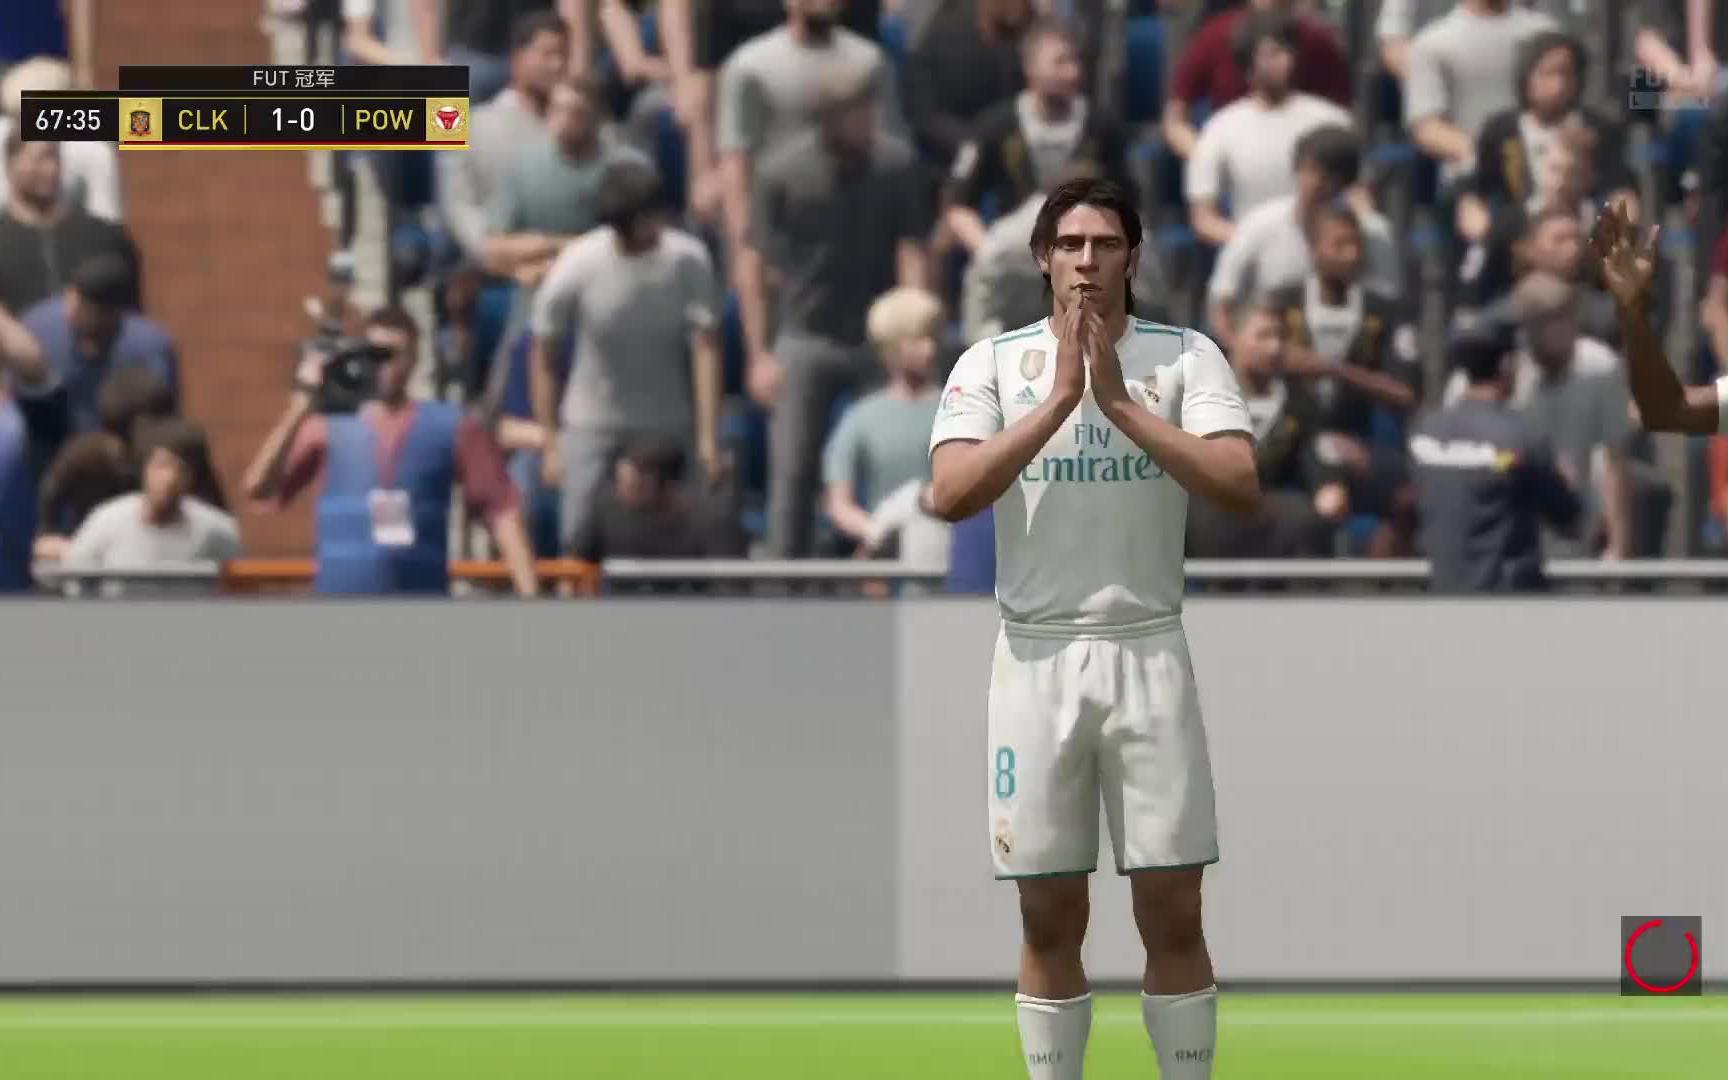 FIFA18 周赛 433(2)阵型两场